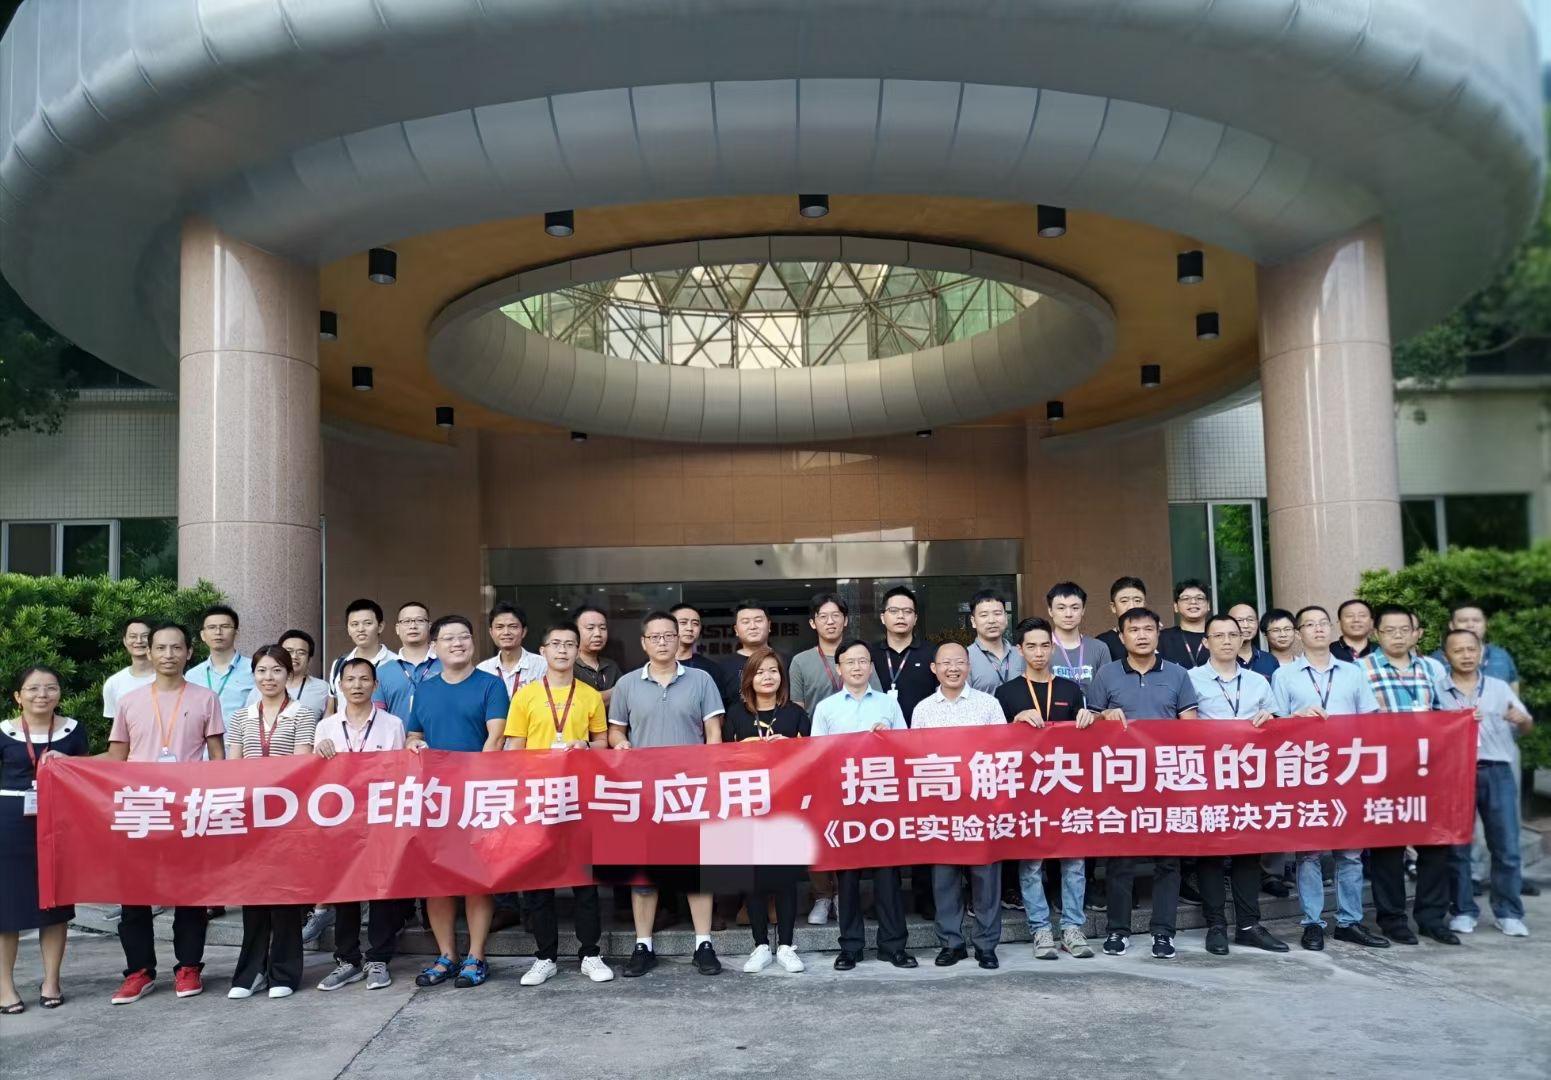 9月25日吴东翰老师【DOE实验设计高级研修班】课程已圆满结束